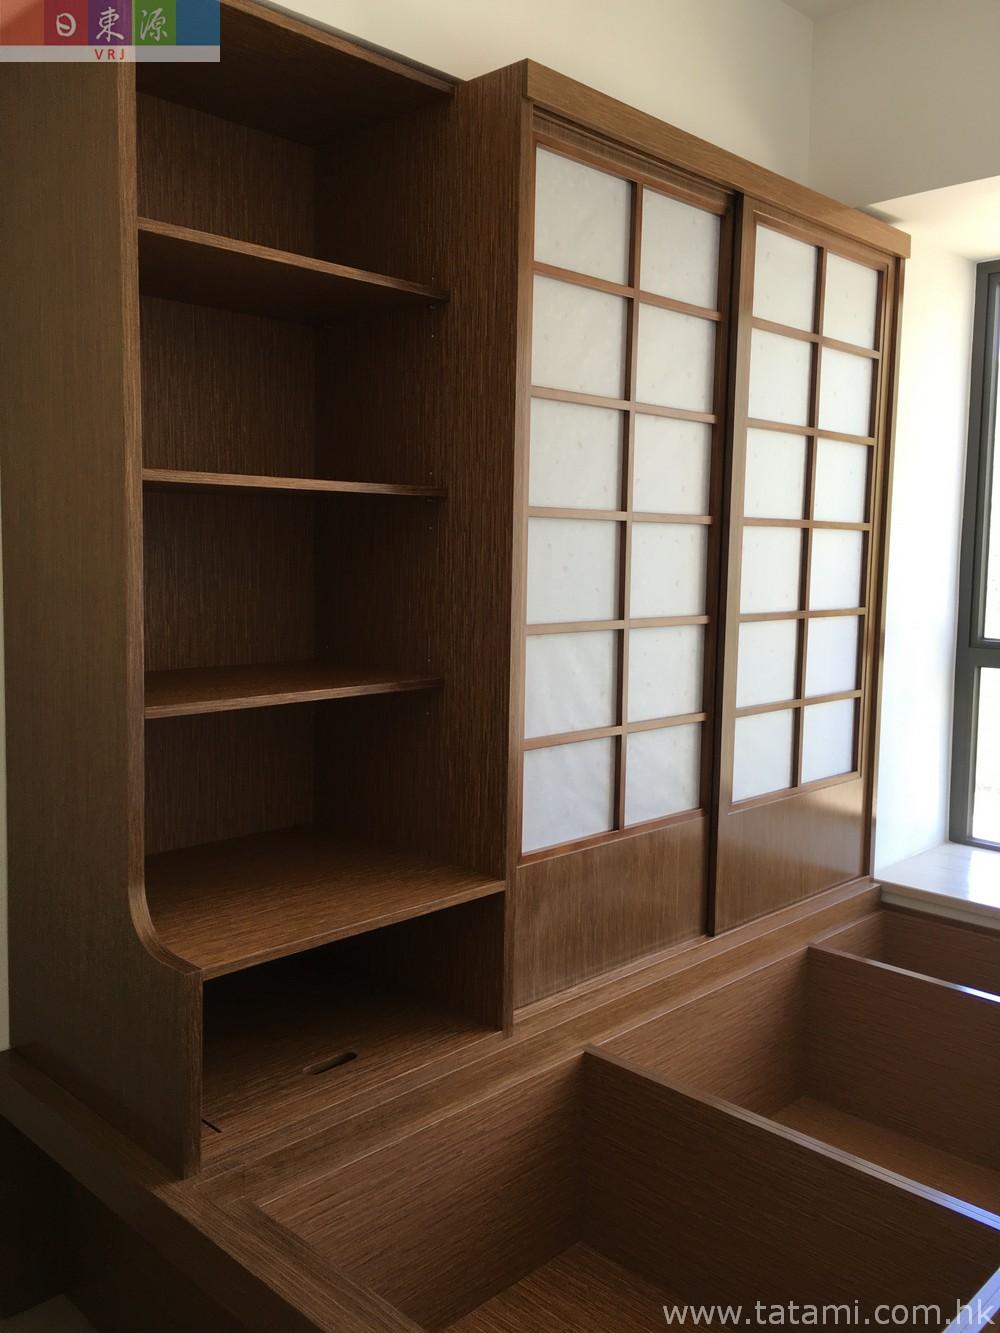 传统日式榻榻米+优质实木夹板储物地台+衣柜+书台+和